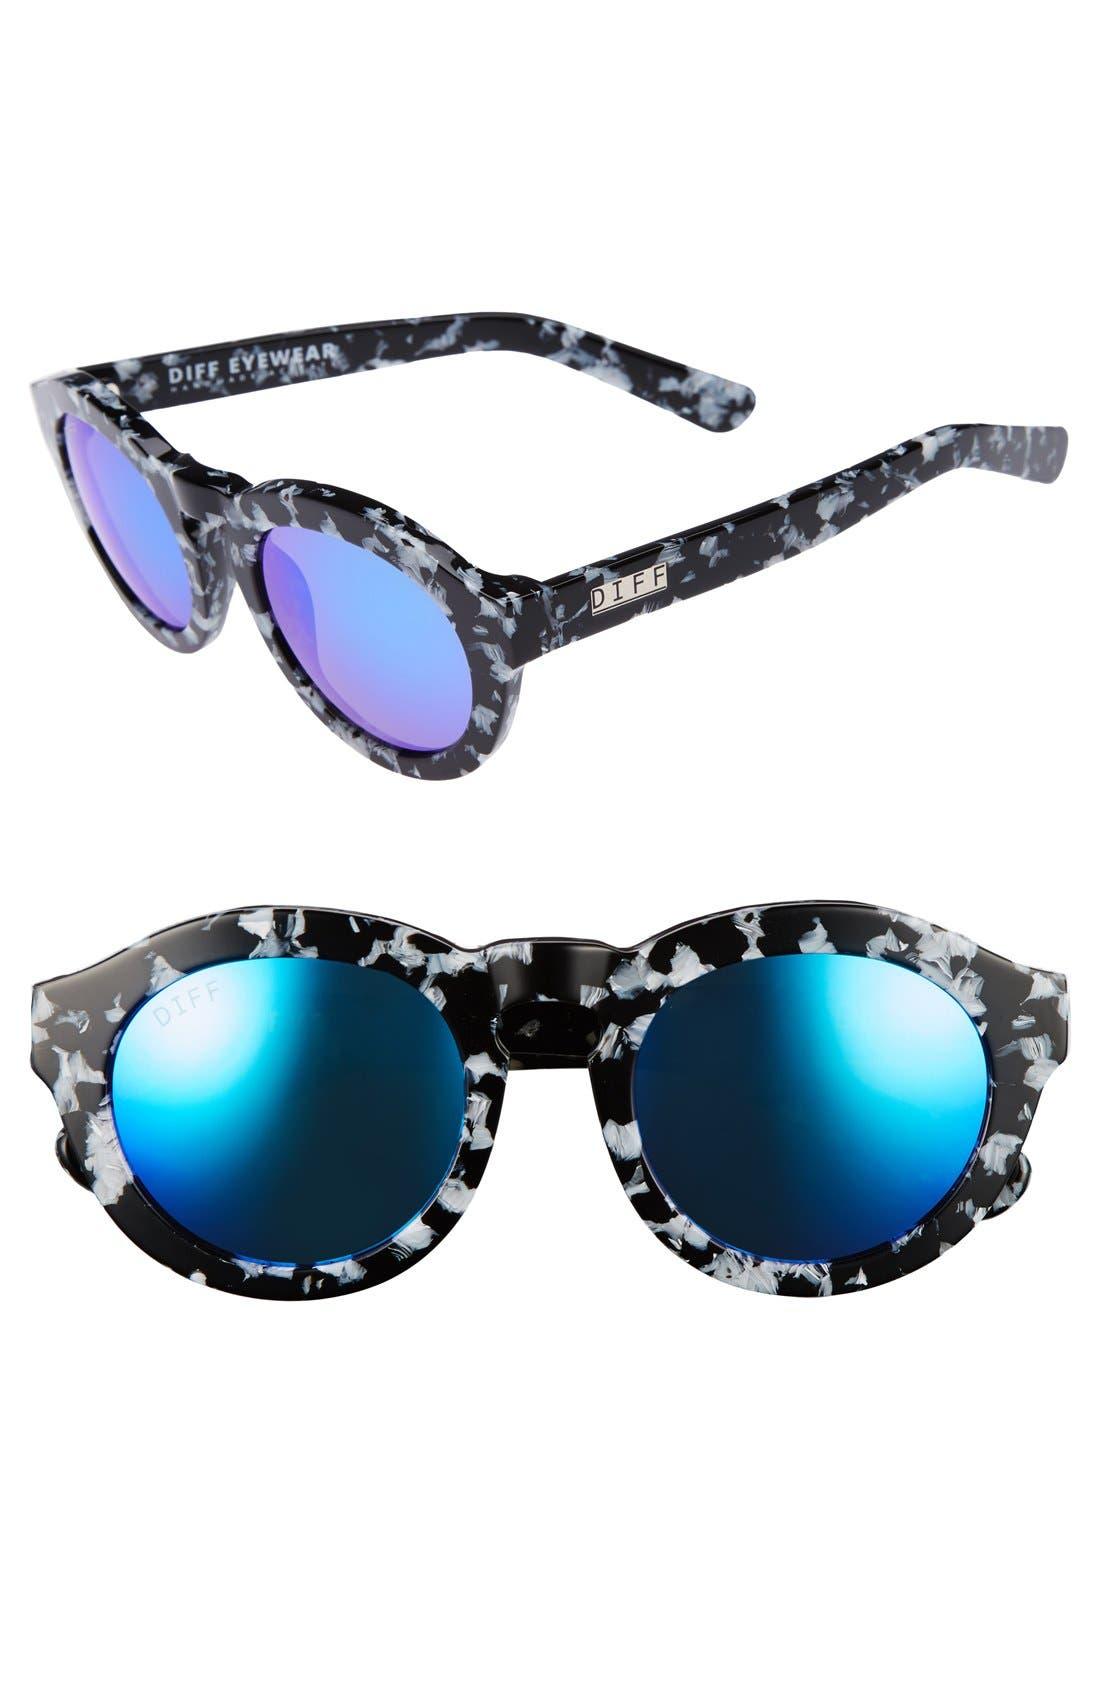 Dime 48mm Retro Sunglasses,                             Main thumbnail 1, color,                             Black White/ Blue